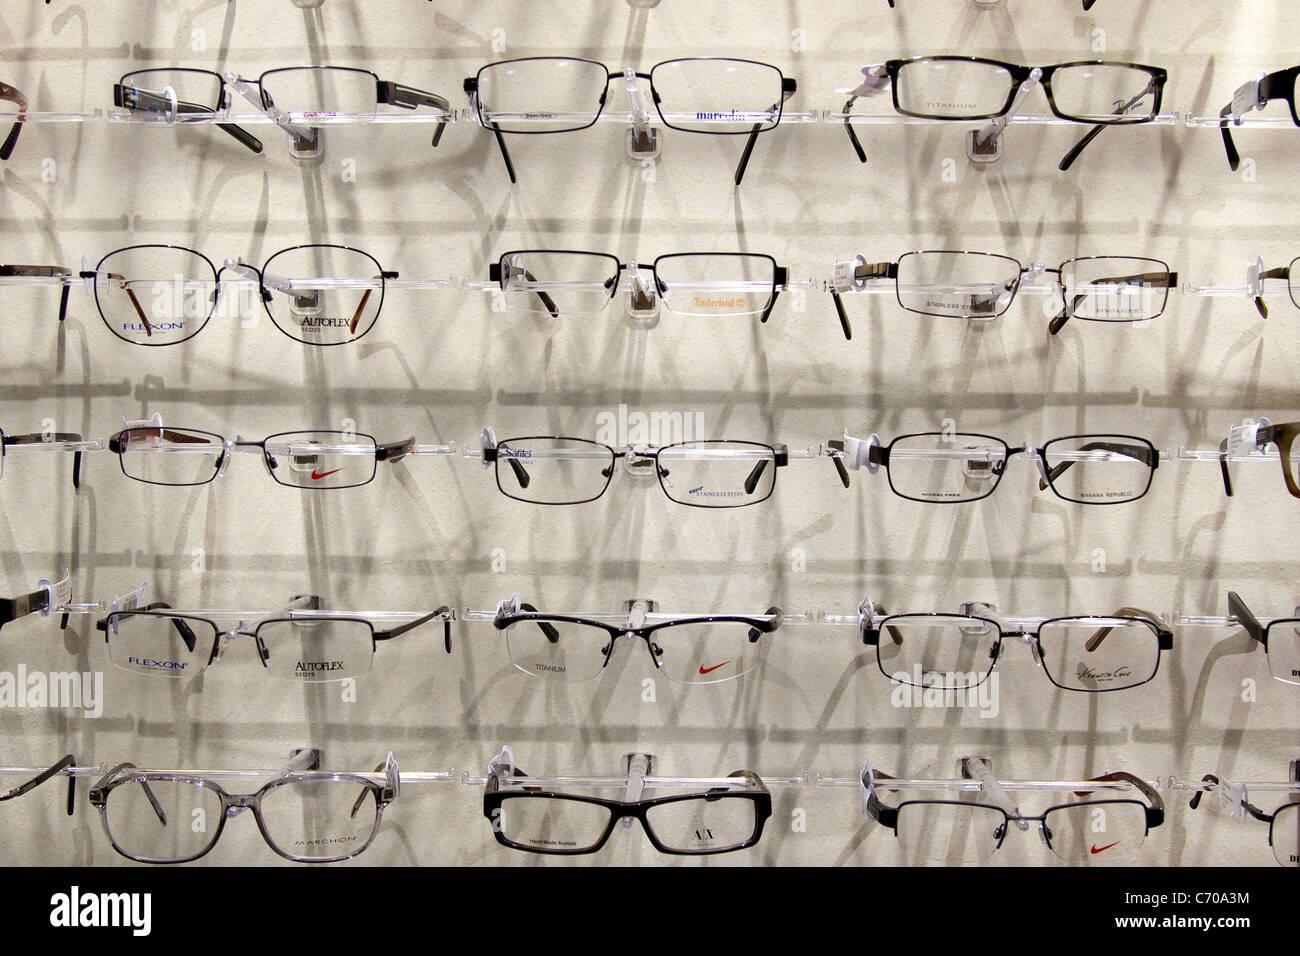 Eyeglasses display - Eyeglasses Spectacles On Display At Eye Doctor Office